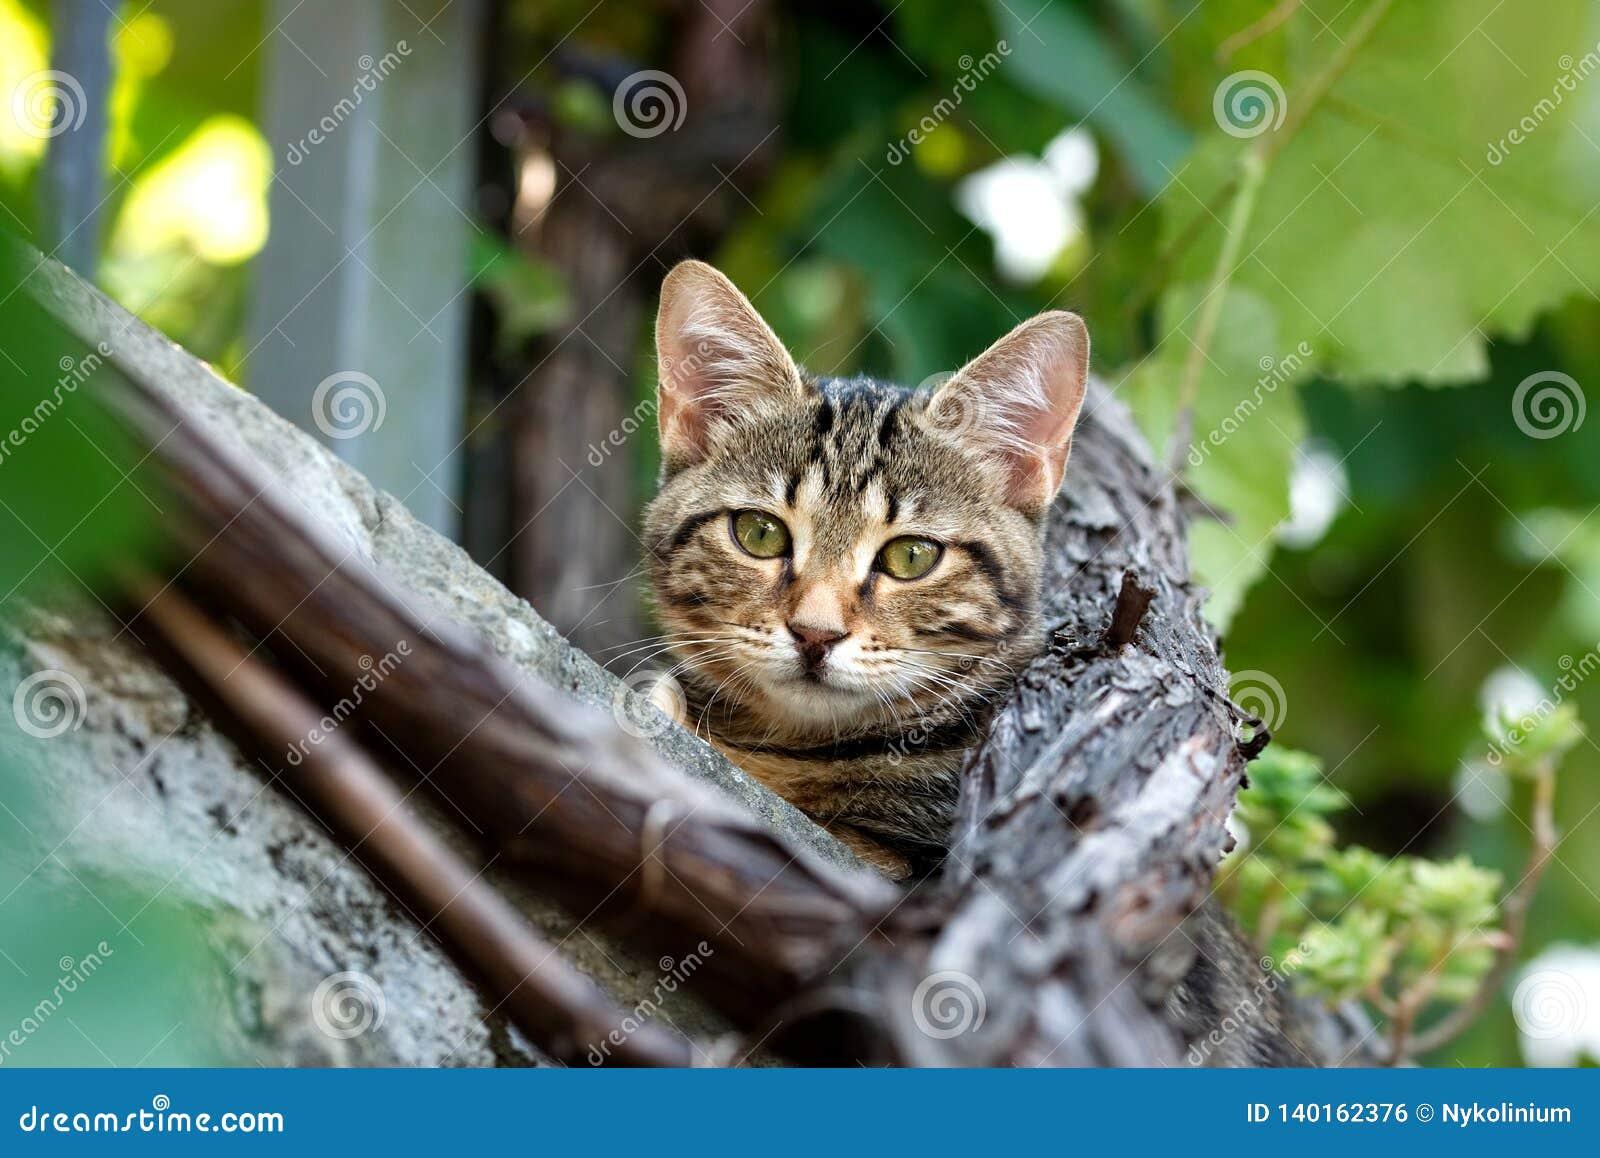 Kat met groene ogen binnen - tussen de wijnstokken